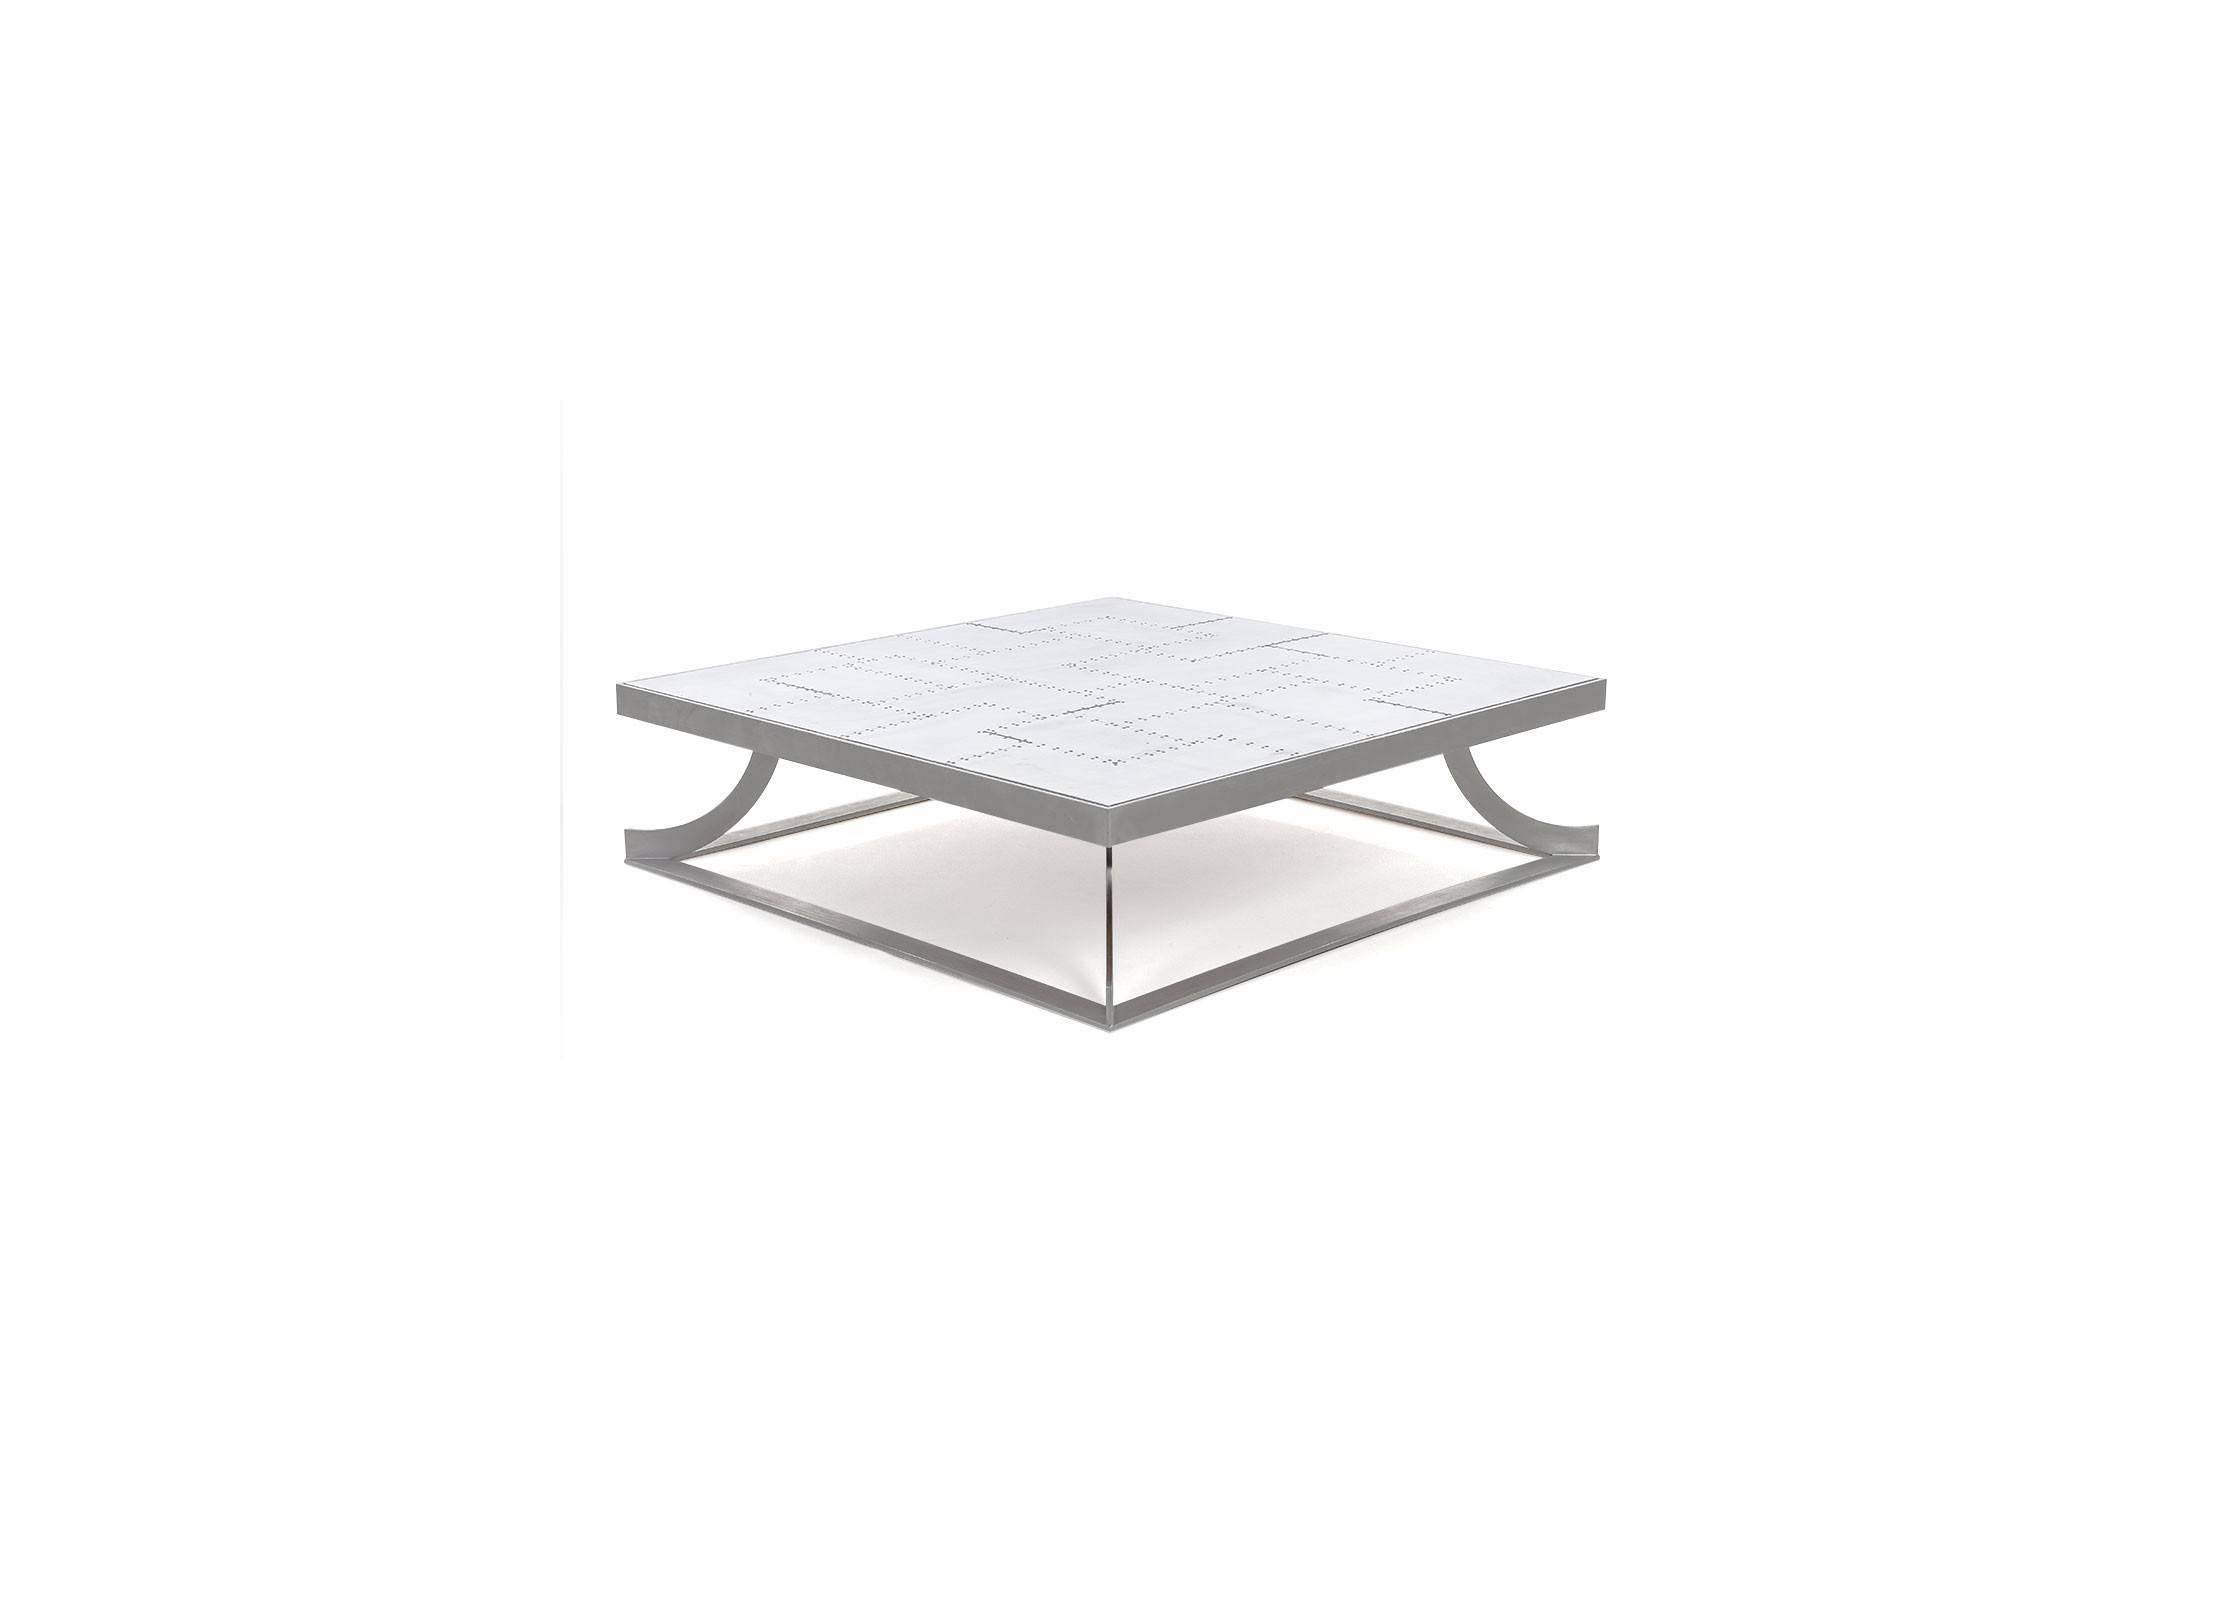 table basse carr e a ro en aluminium rivet. Black Bedroom Furniture Sets. Home Design Ideas